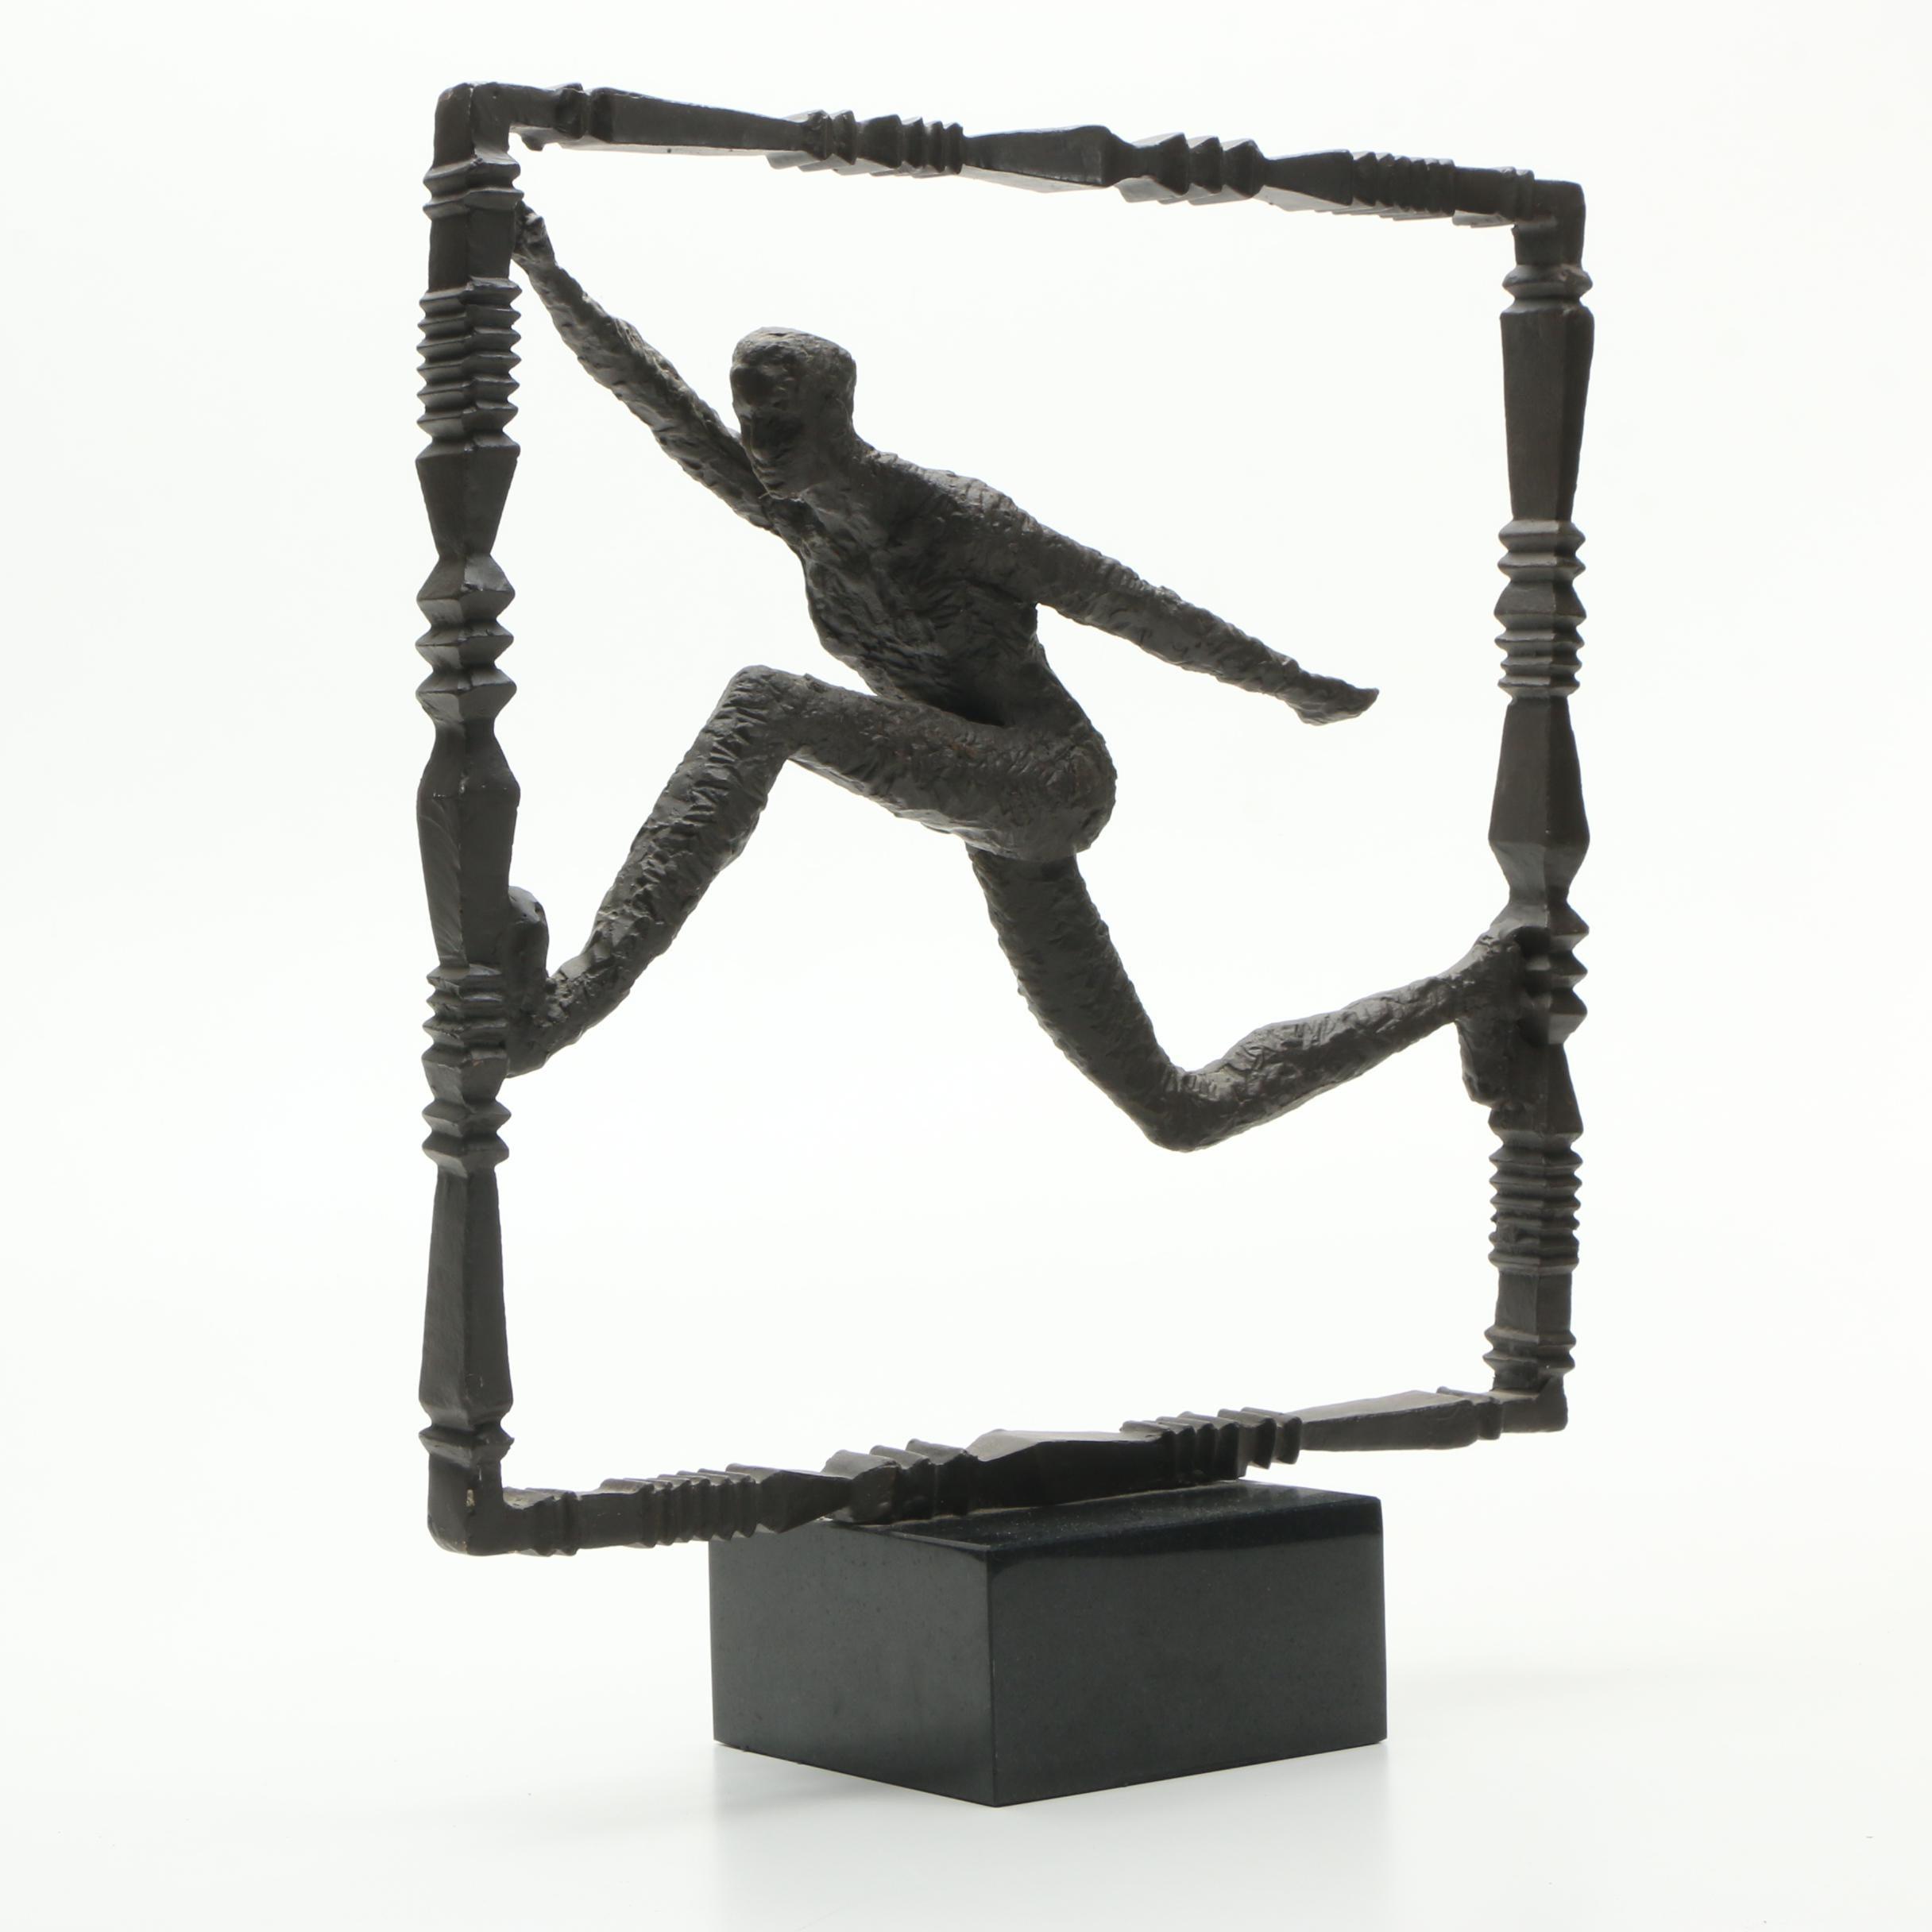 Iron Sculpture of a Figure Running